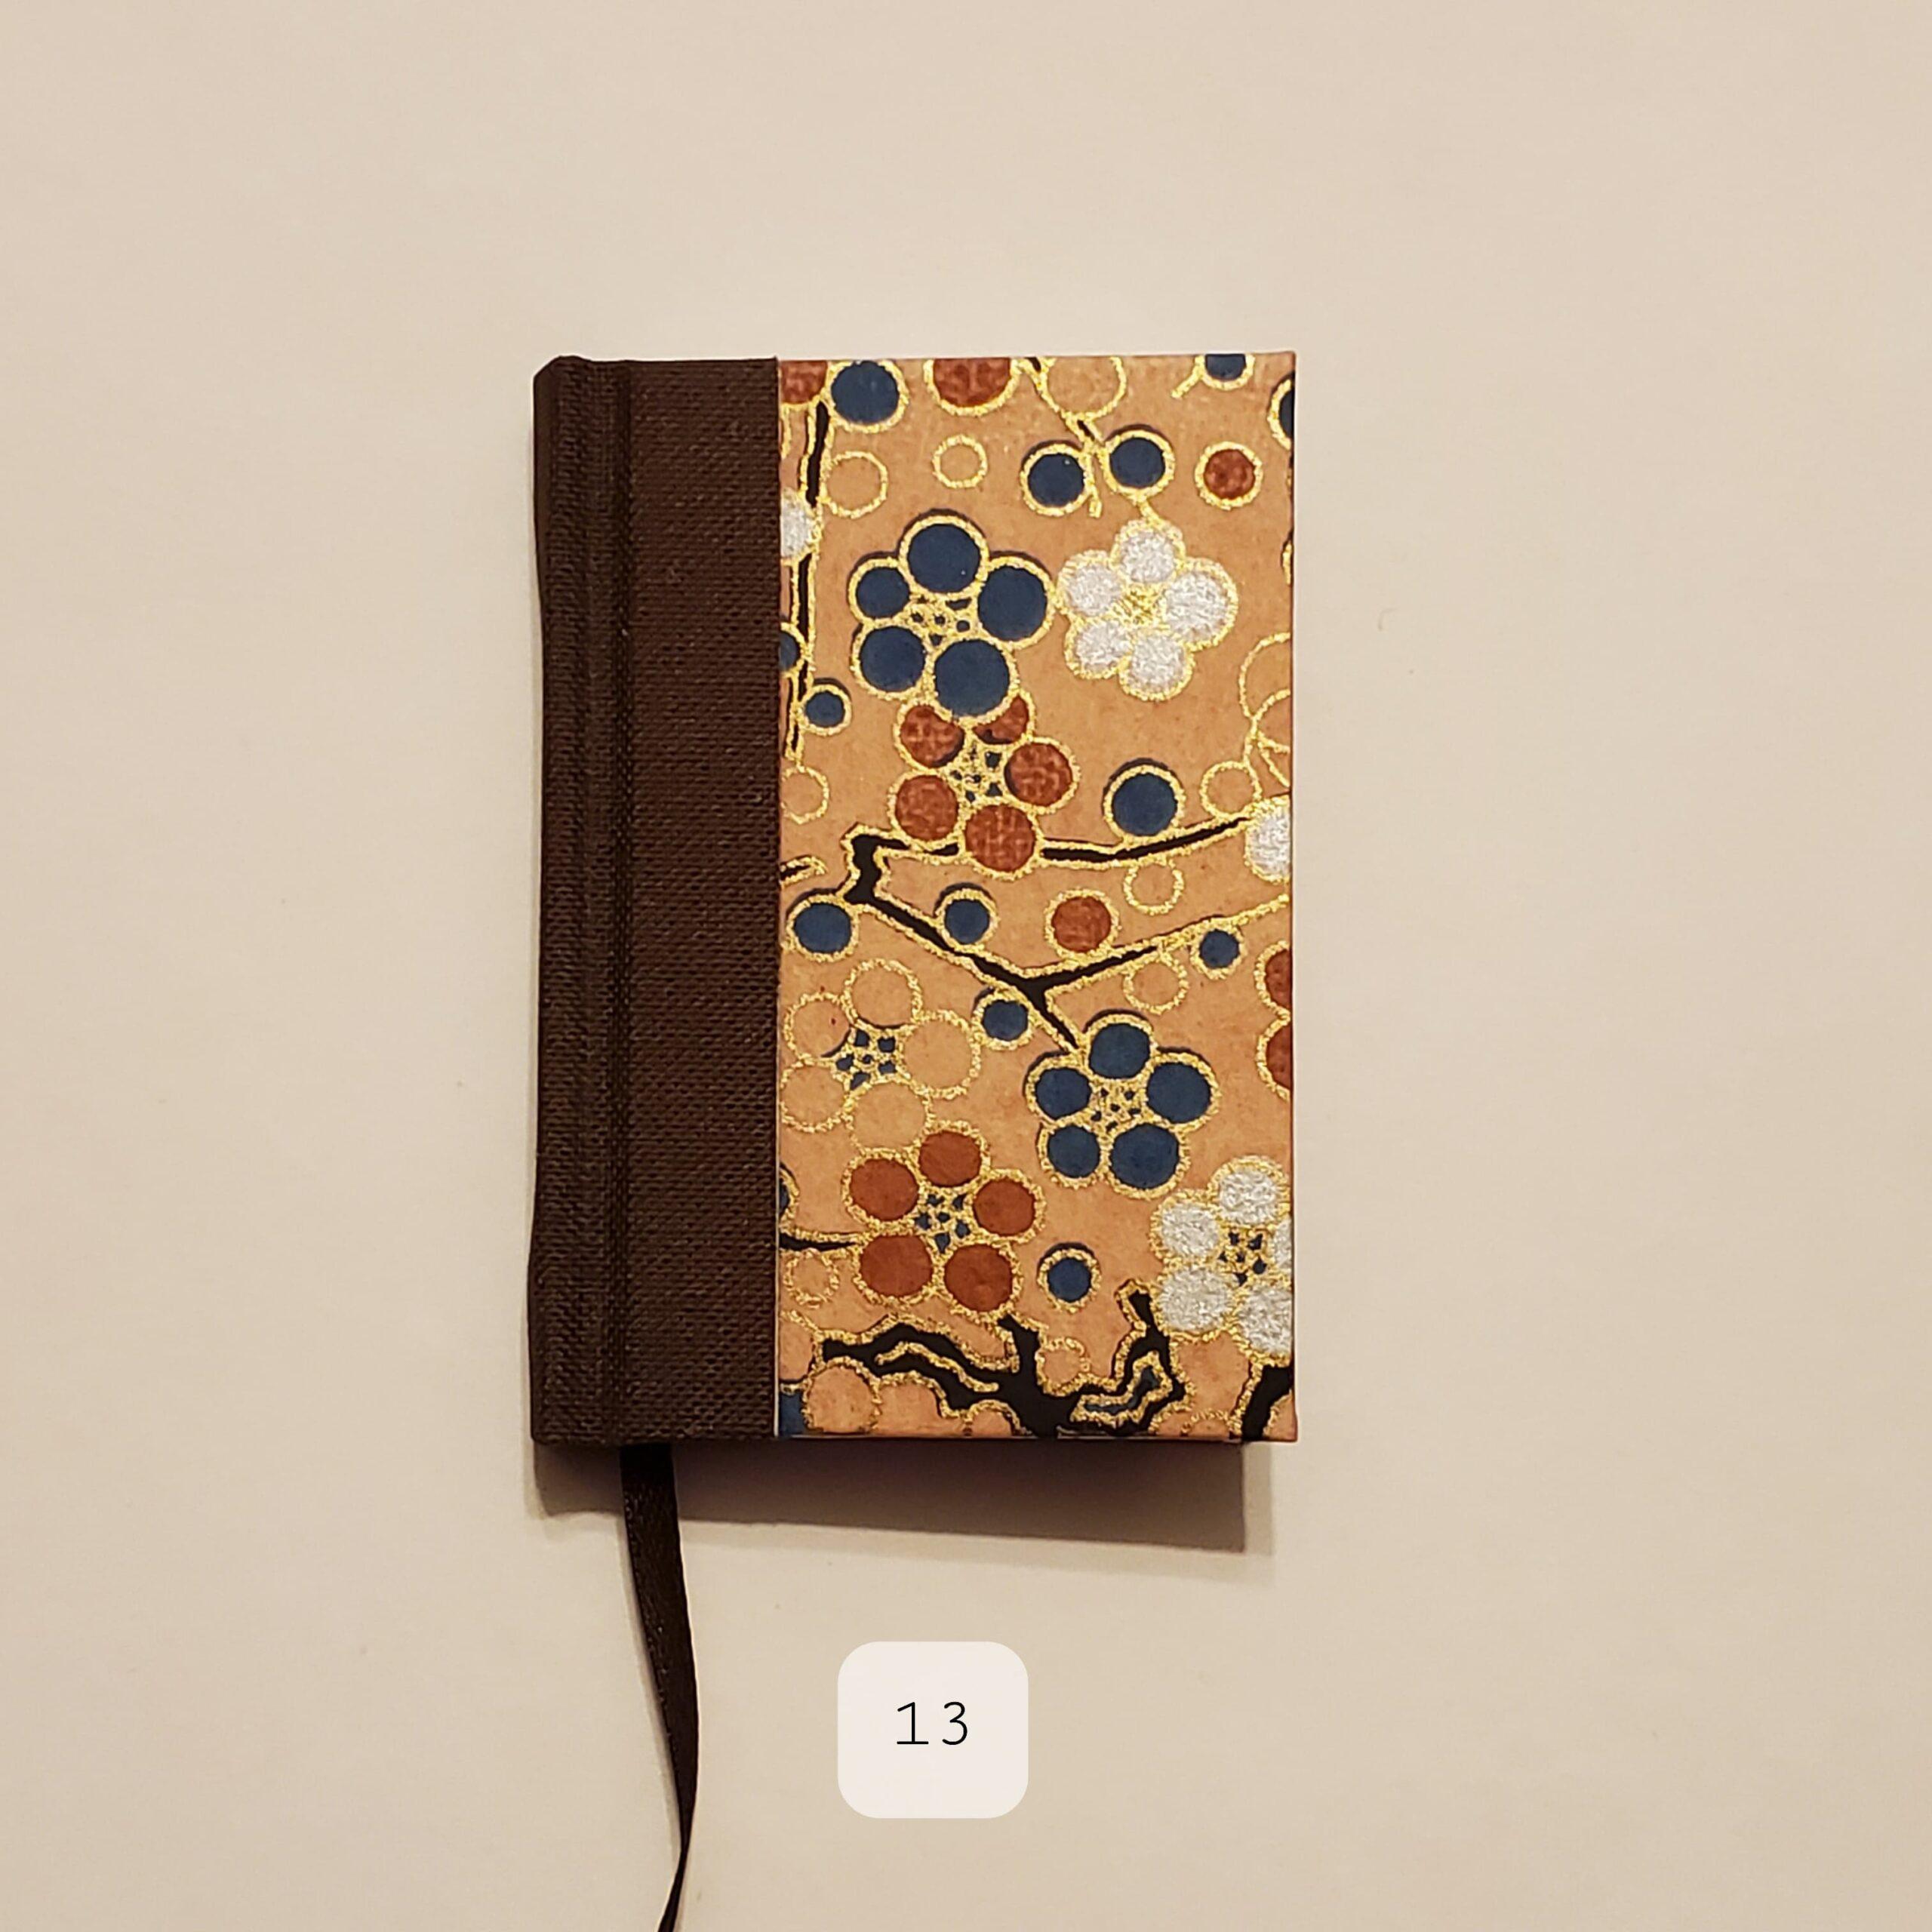 Japanese Journal 13